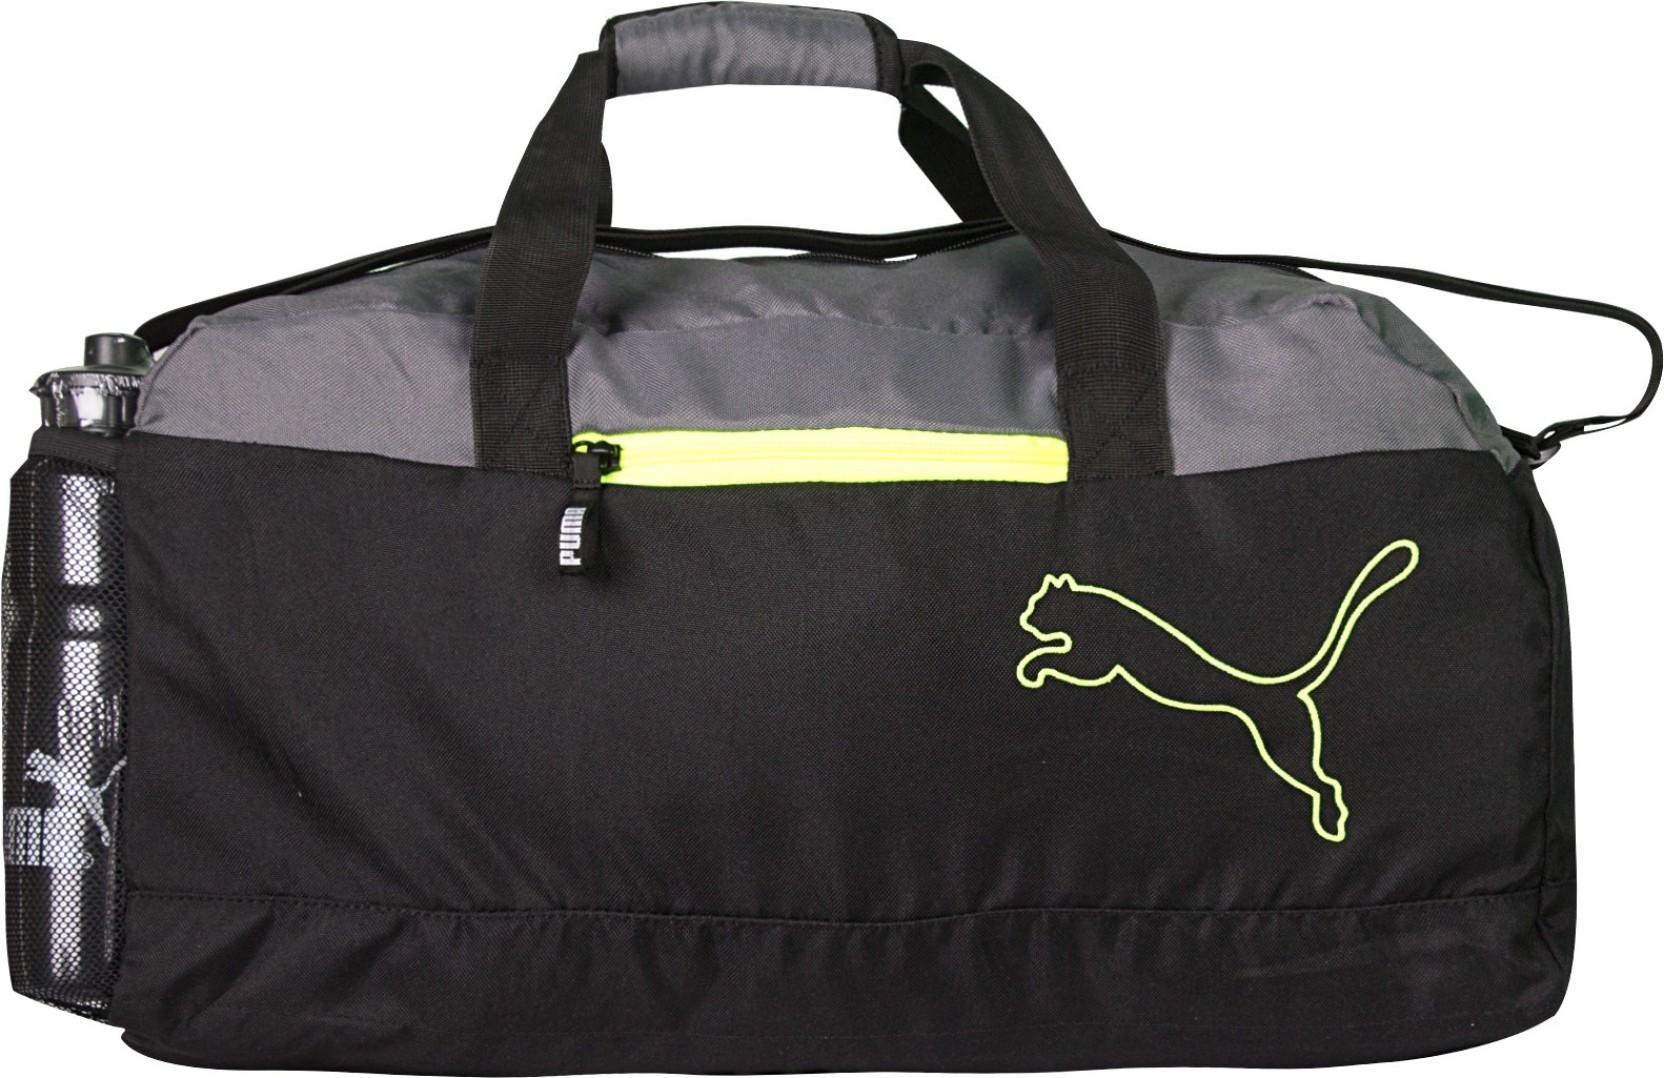 858f9a20de5d Puma FUNDAMENTAL SPORTS BLACK GREY Travel Duffel Bag (Black